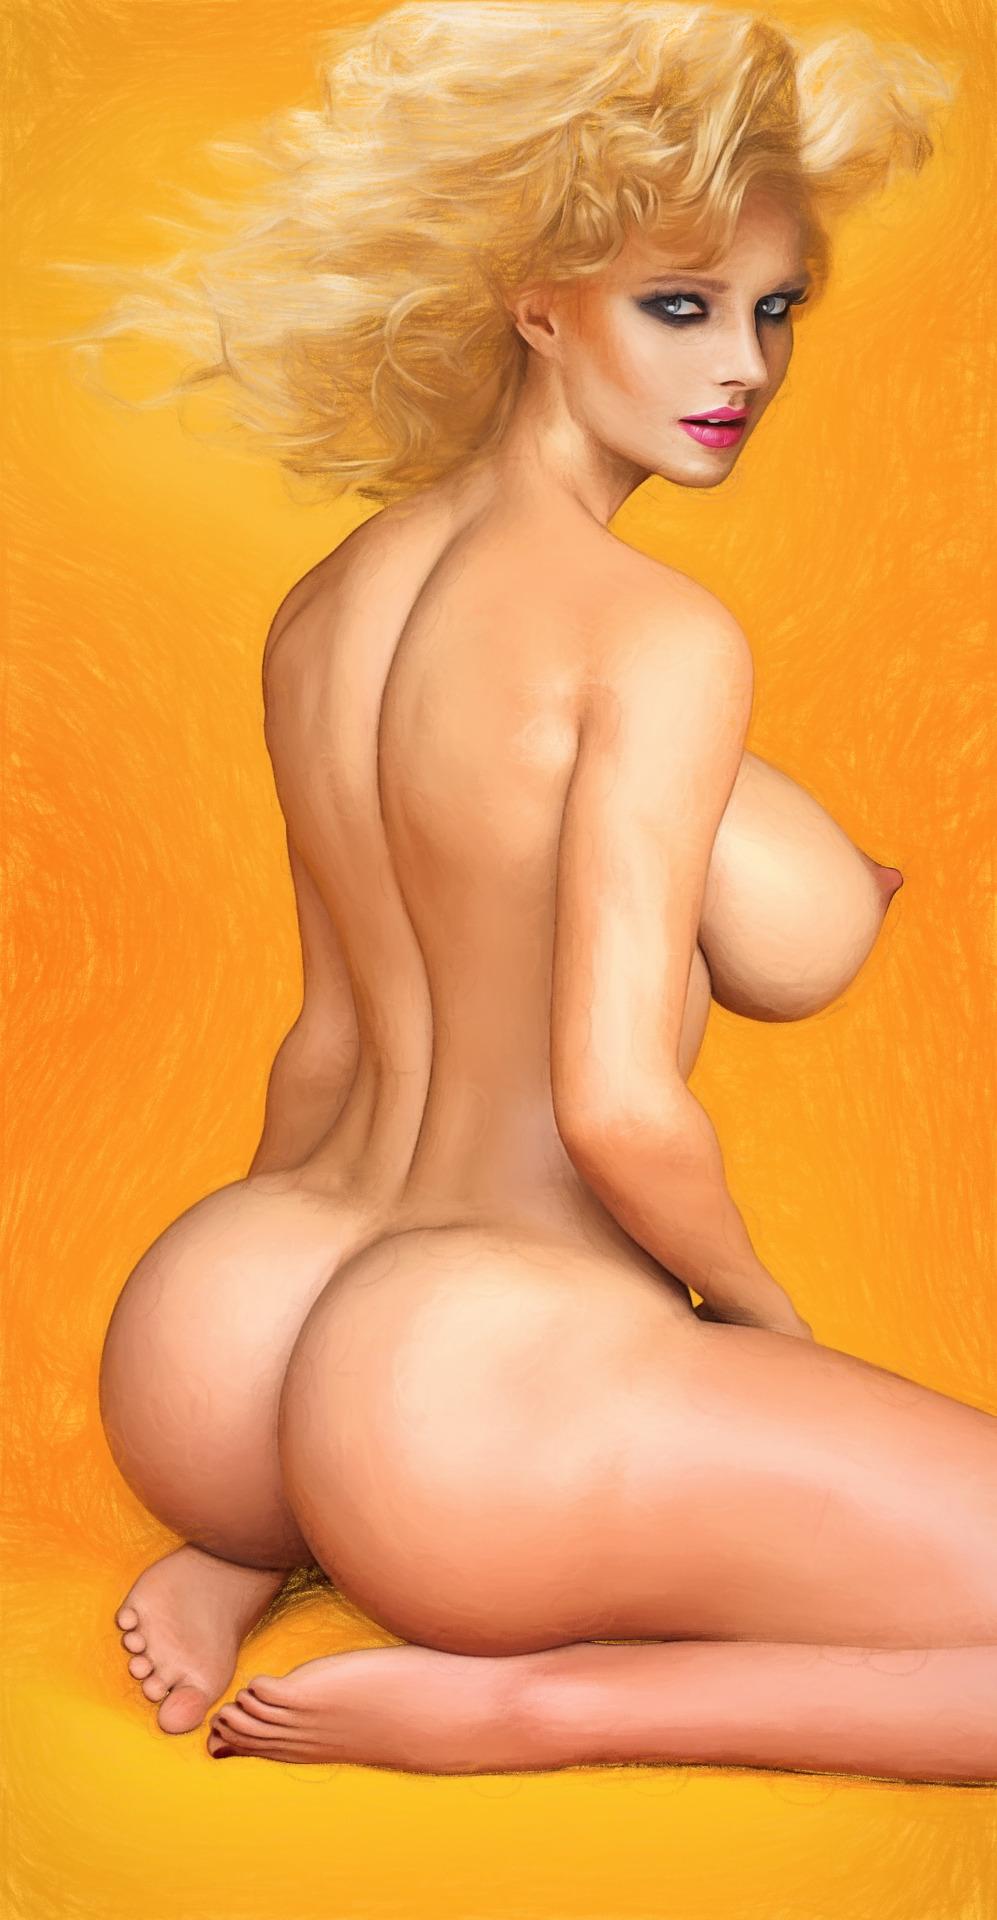 【二次エロ画像】写真みたい…立体感が生々しい油絵風の外人美女CGwww 28